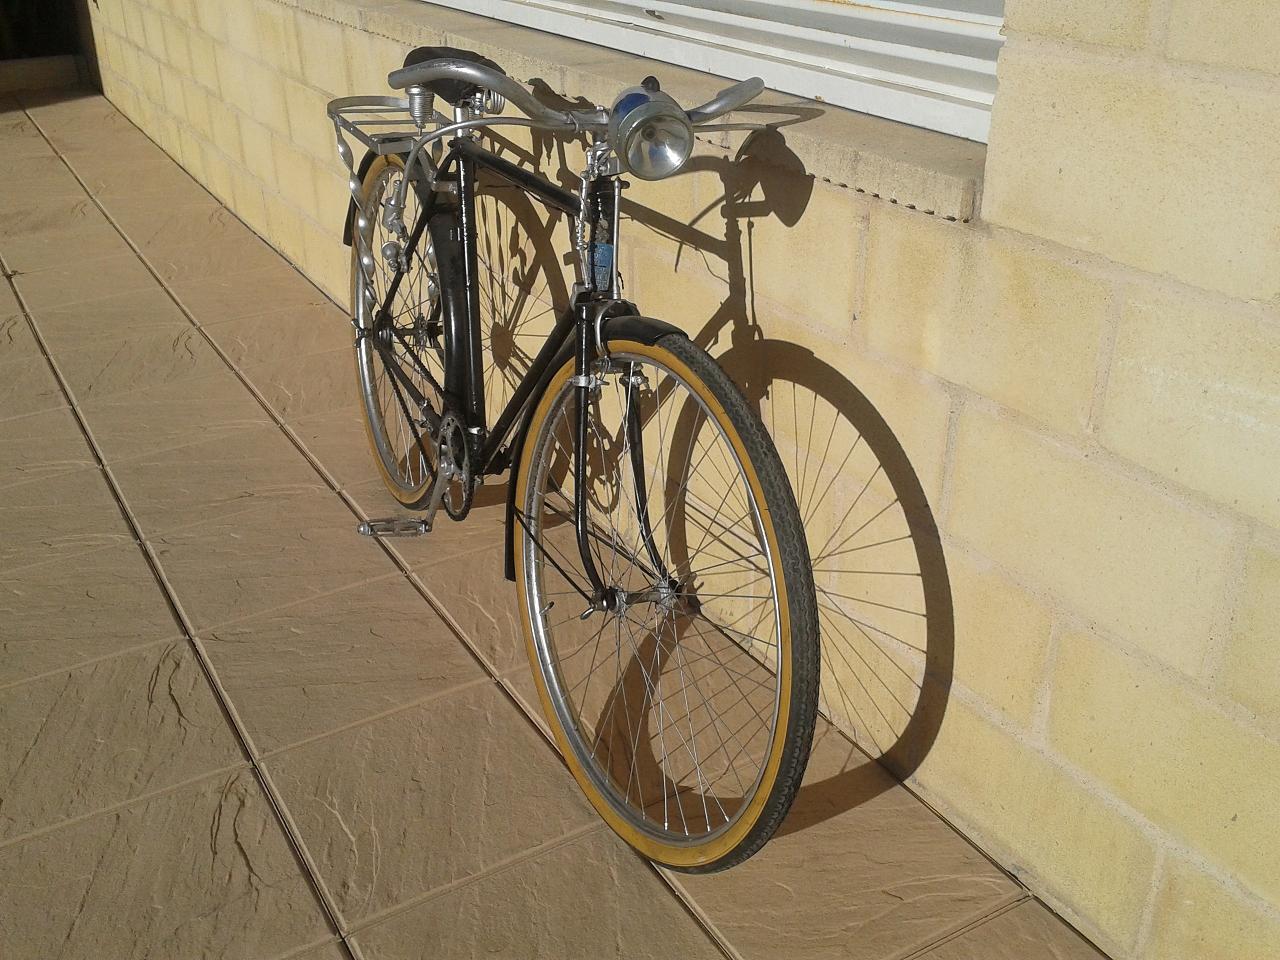 Modelos bicletas BH  (catalogo virtual) 2012-06-10+19.26.36